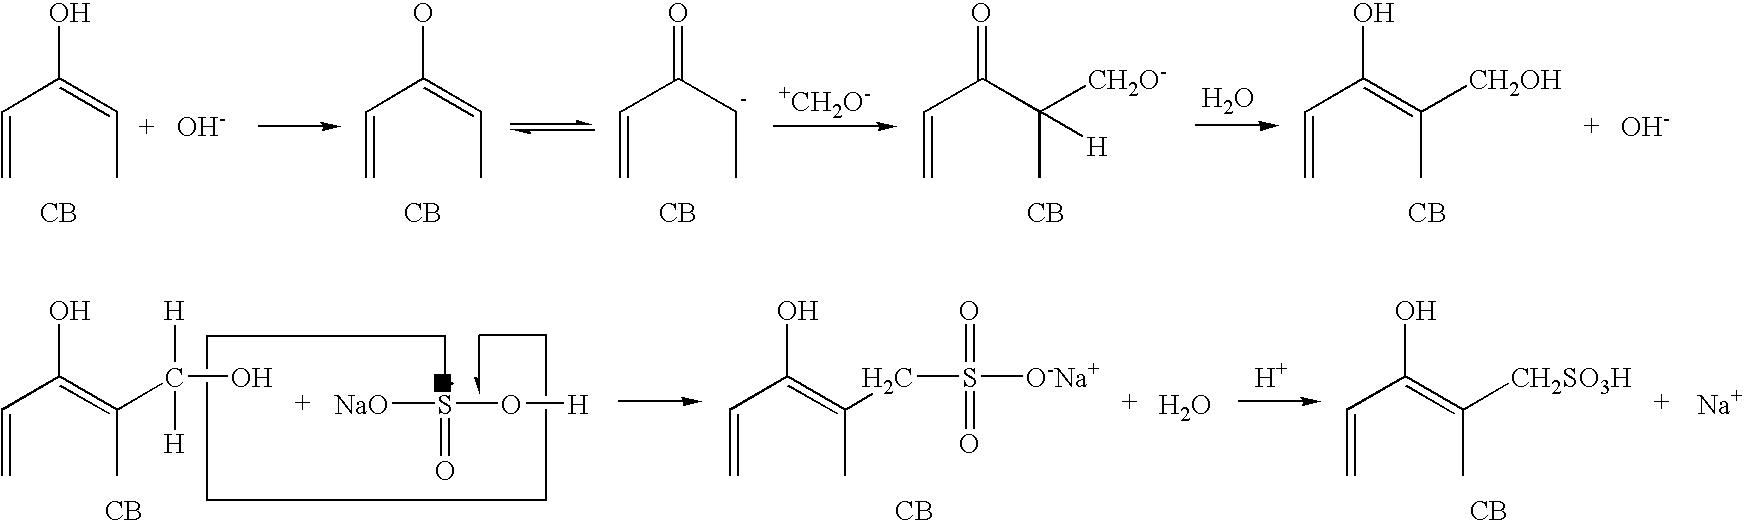 Figure US07842432-20101130-C00001